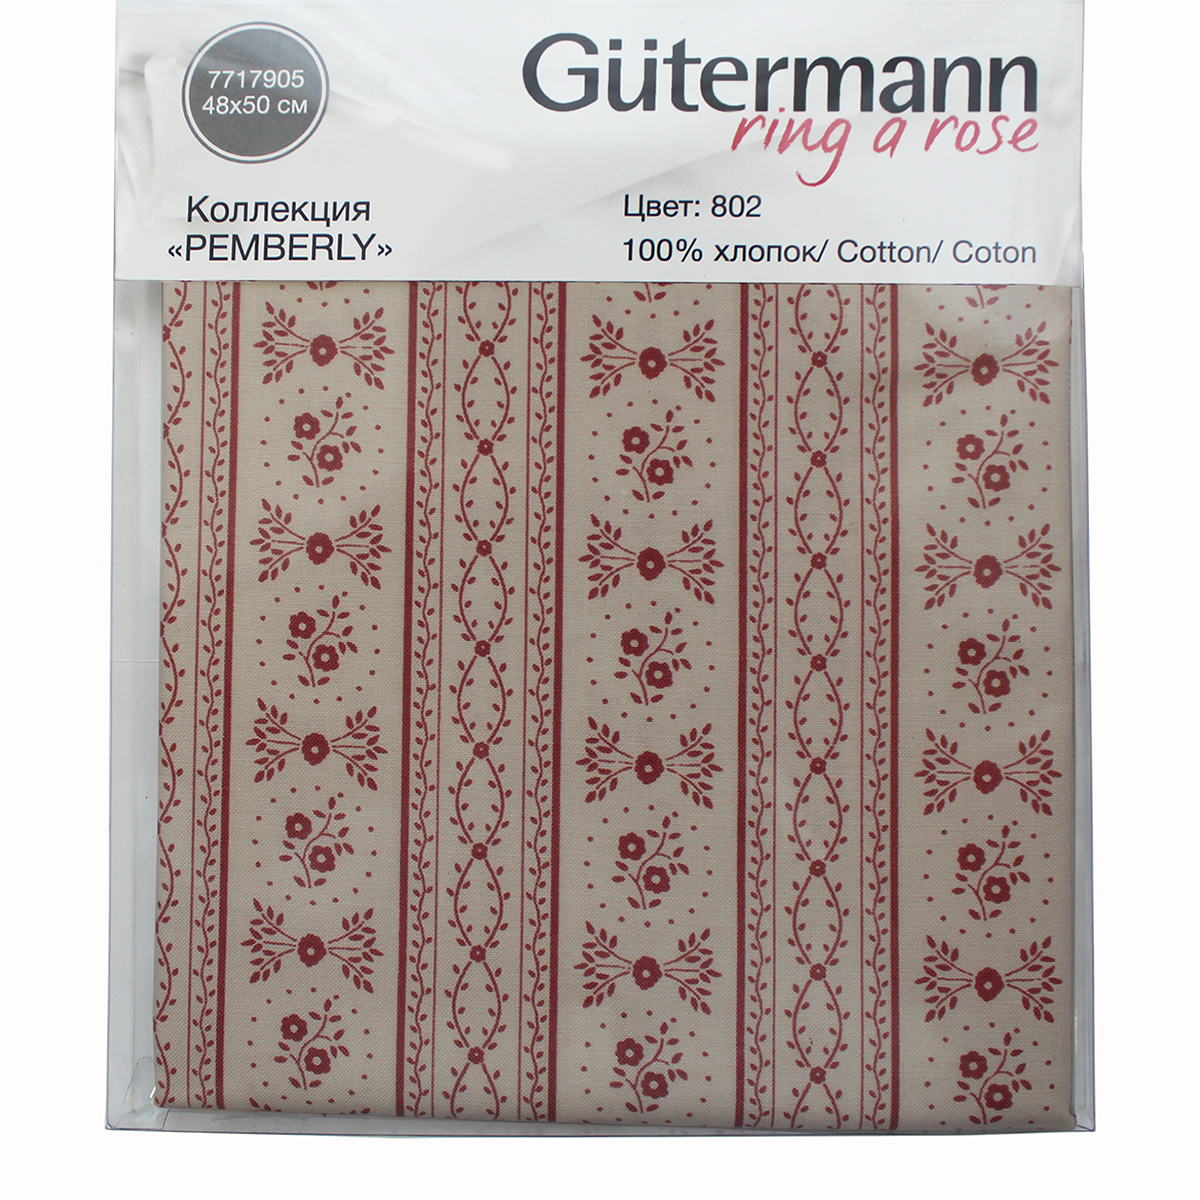 Ткань Gutermann Pemberly, 48 х 50 см. 649101_802NLED-454-9W-BKХлопковая ткань от Gutermann (Гутерманн) выполнена из 100% натурального материала, идеально подойдет для шитья одежды, постельного белья, декорирования. Ткань не линяет, не осыпается по краям и не дает усадки.